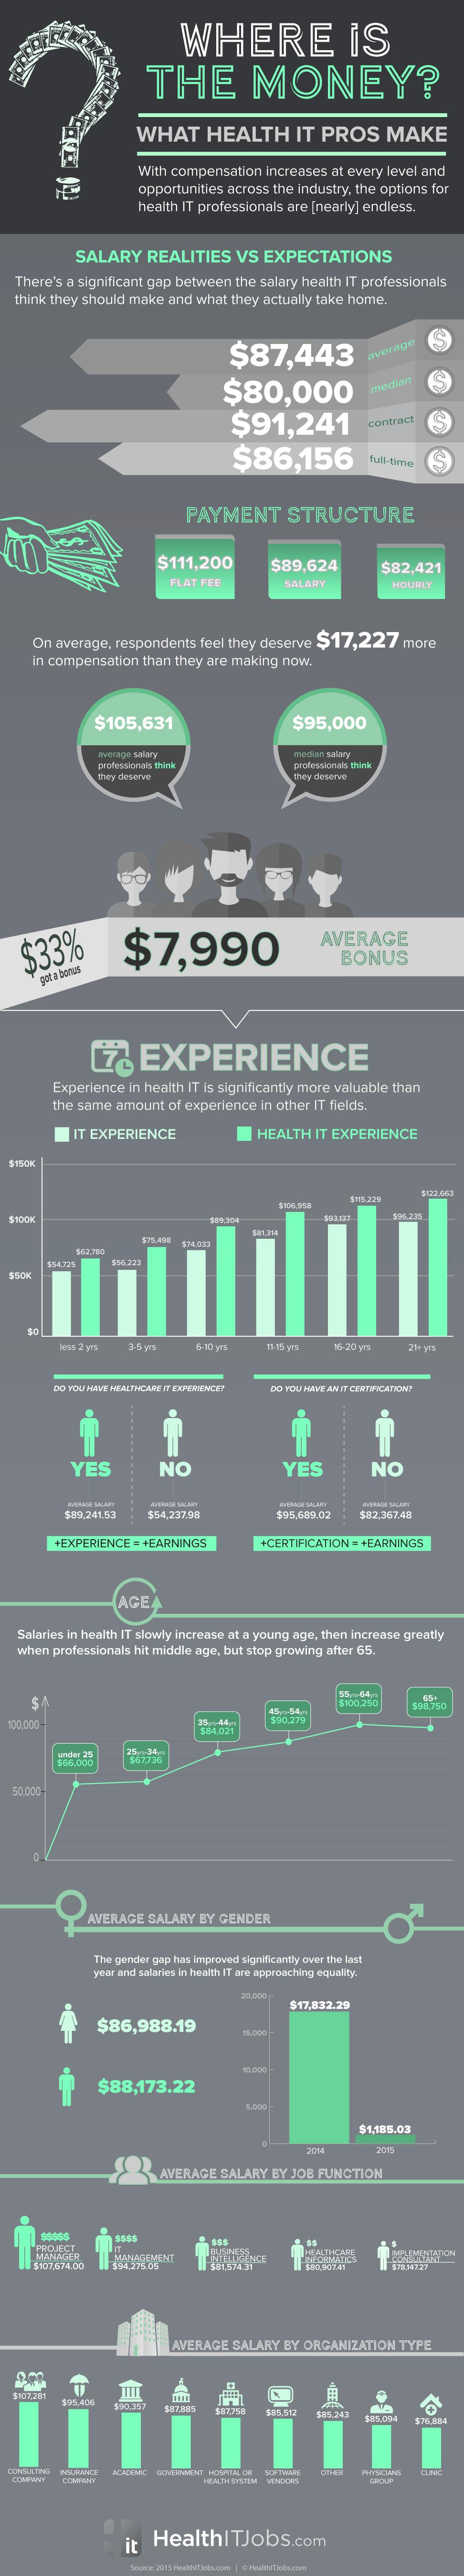 2015-HealthITJobs-SalarySurvey-Infographic-972